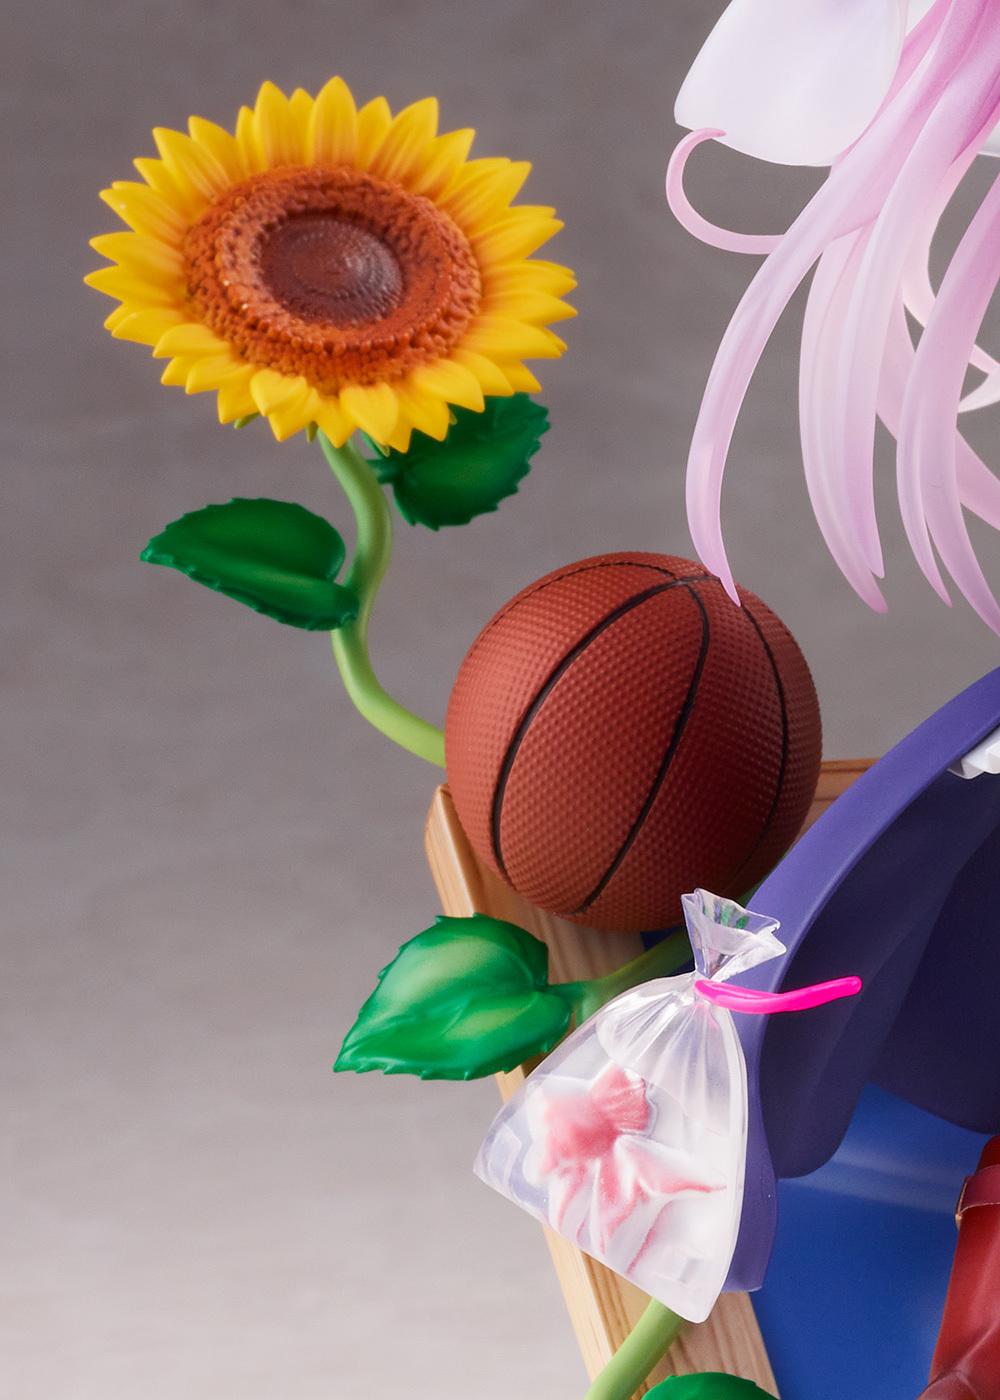 【手办】Aniplex《成神之日》佐藤雏~夏天的回忆~1/7比例手办- ACG17.COM